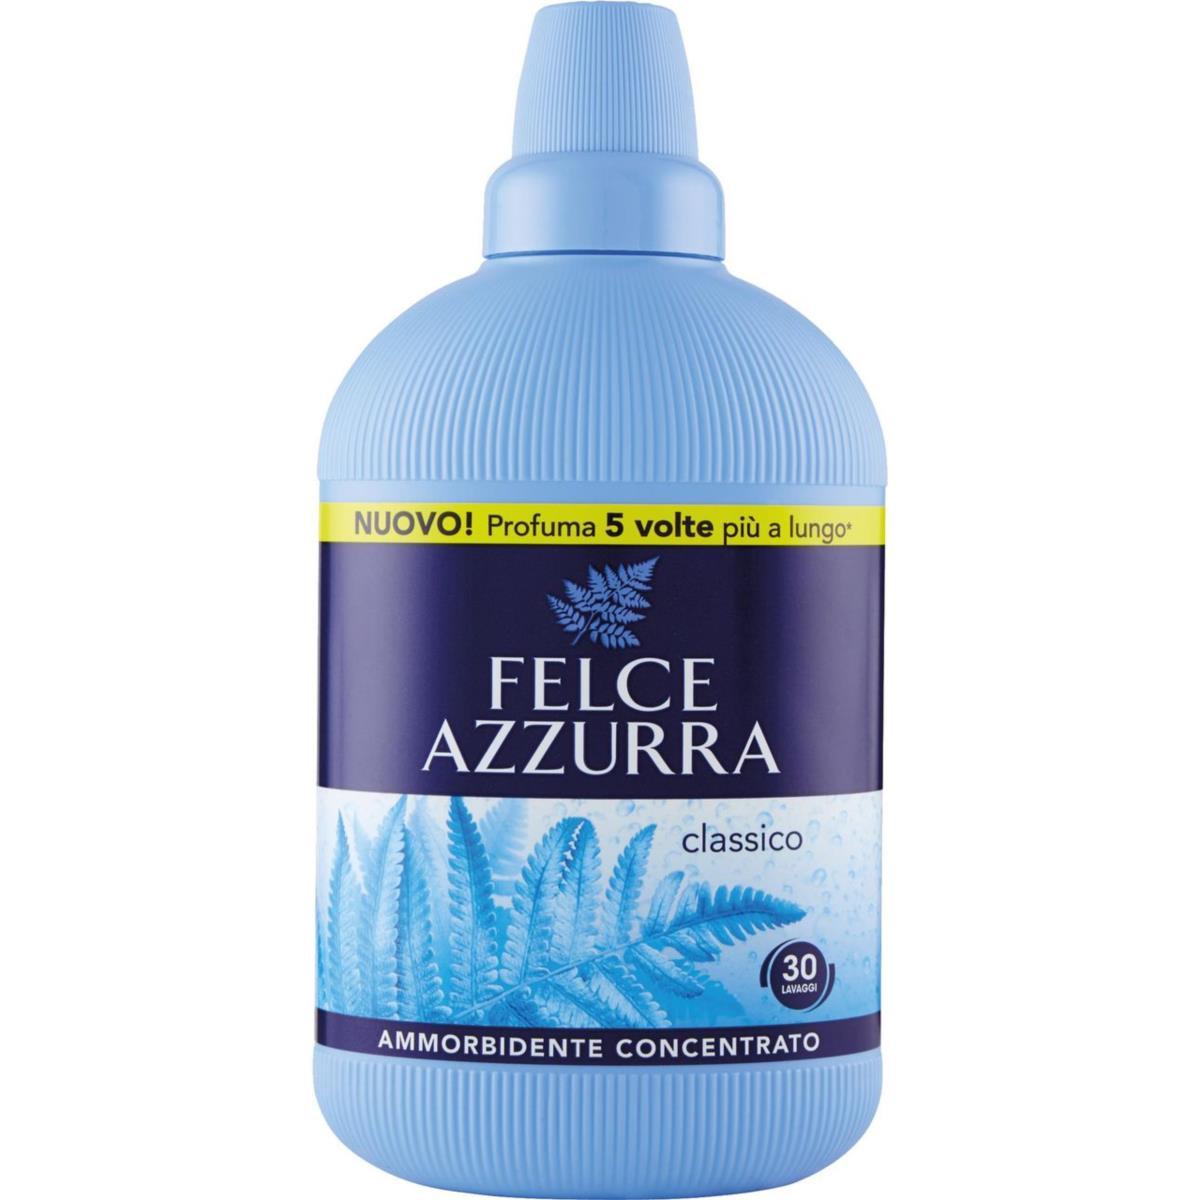 Ammorbidente concentrato Classico Felce Azzurra Profumo inconfondibile 750ml